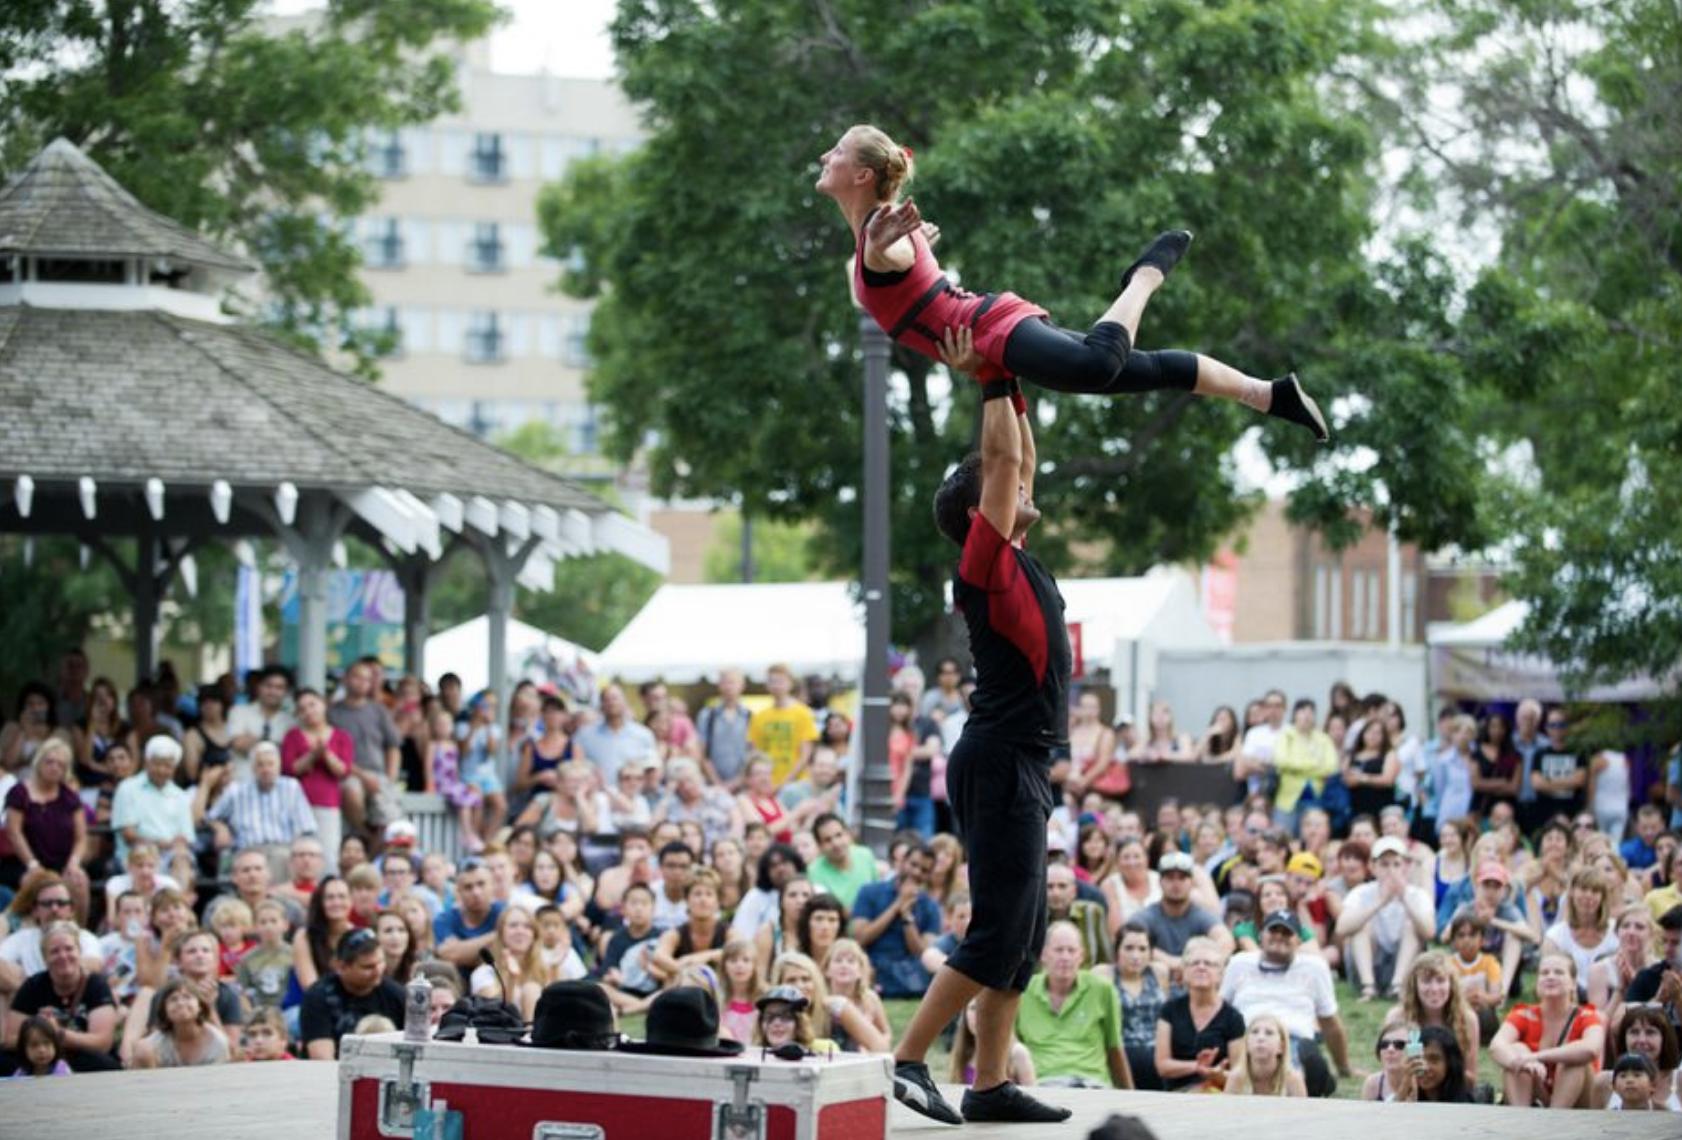 Edmonton International Fringe Festival